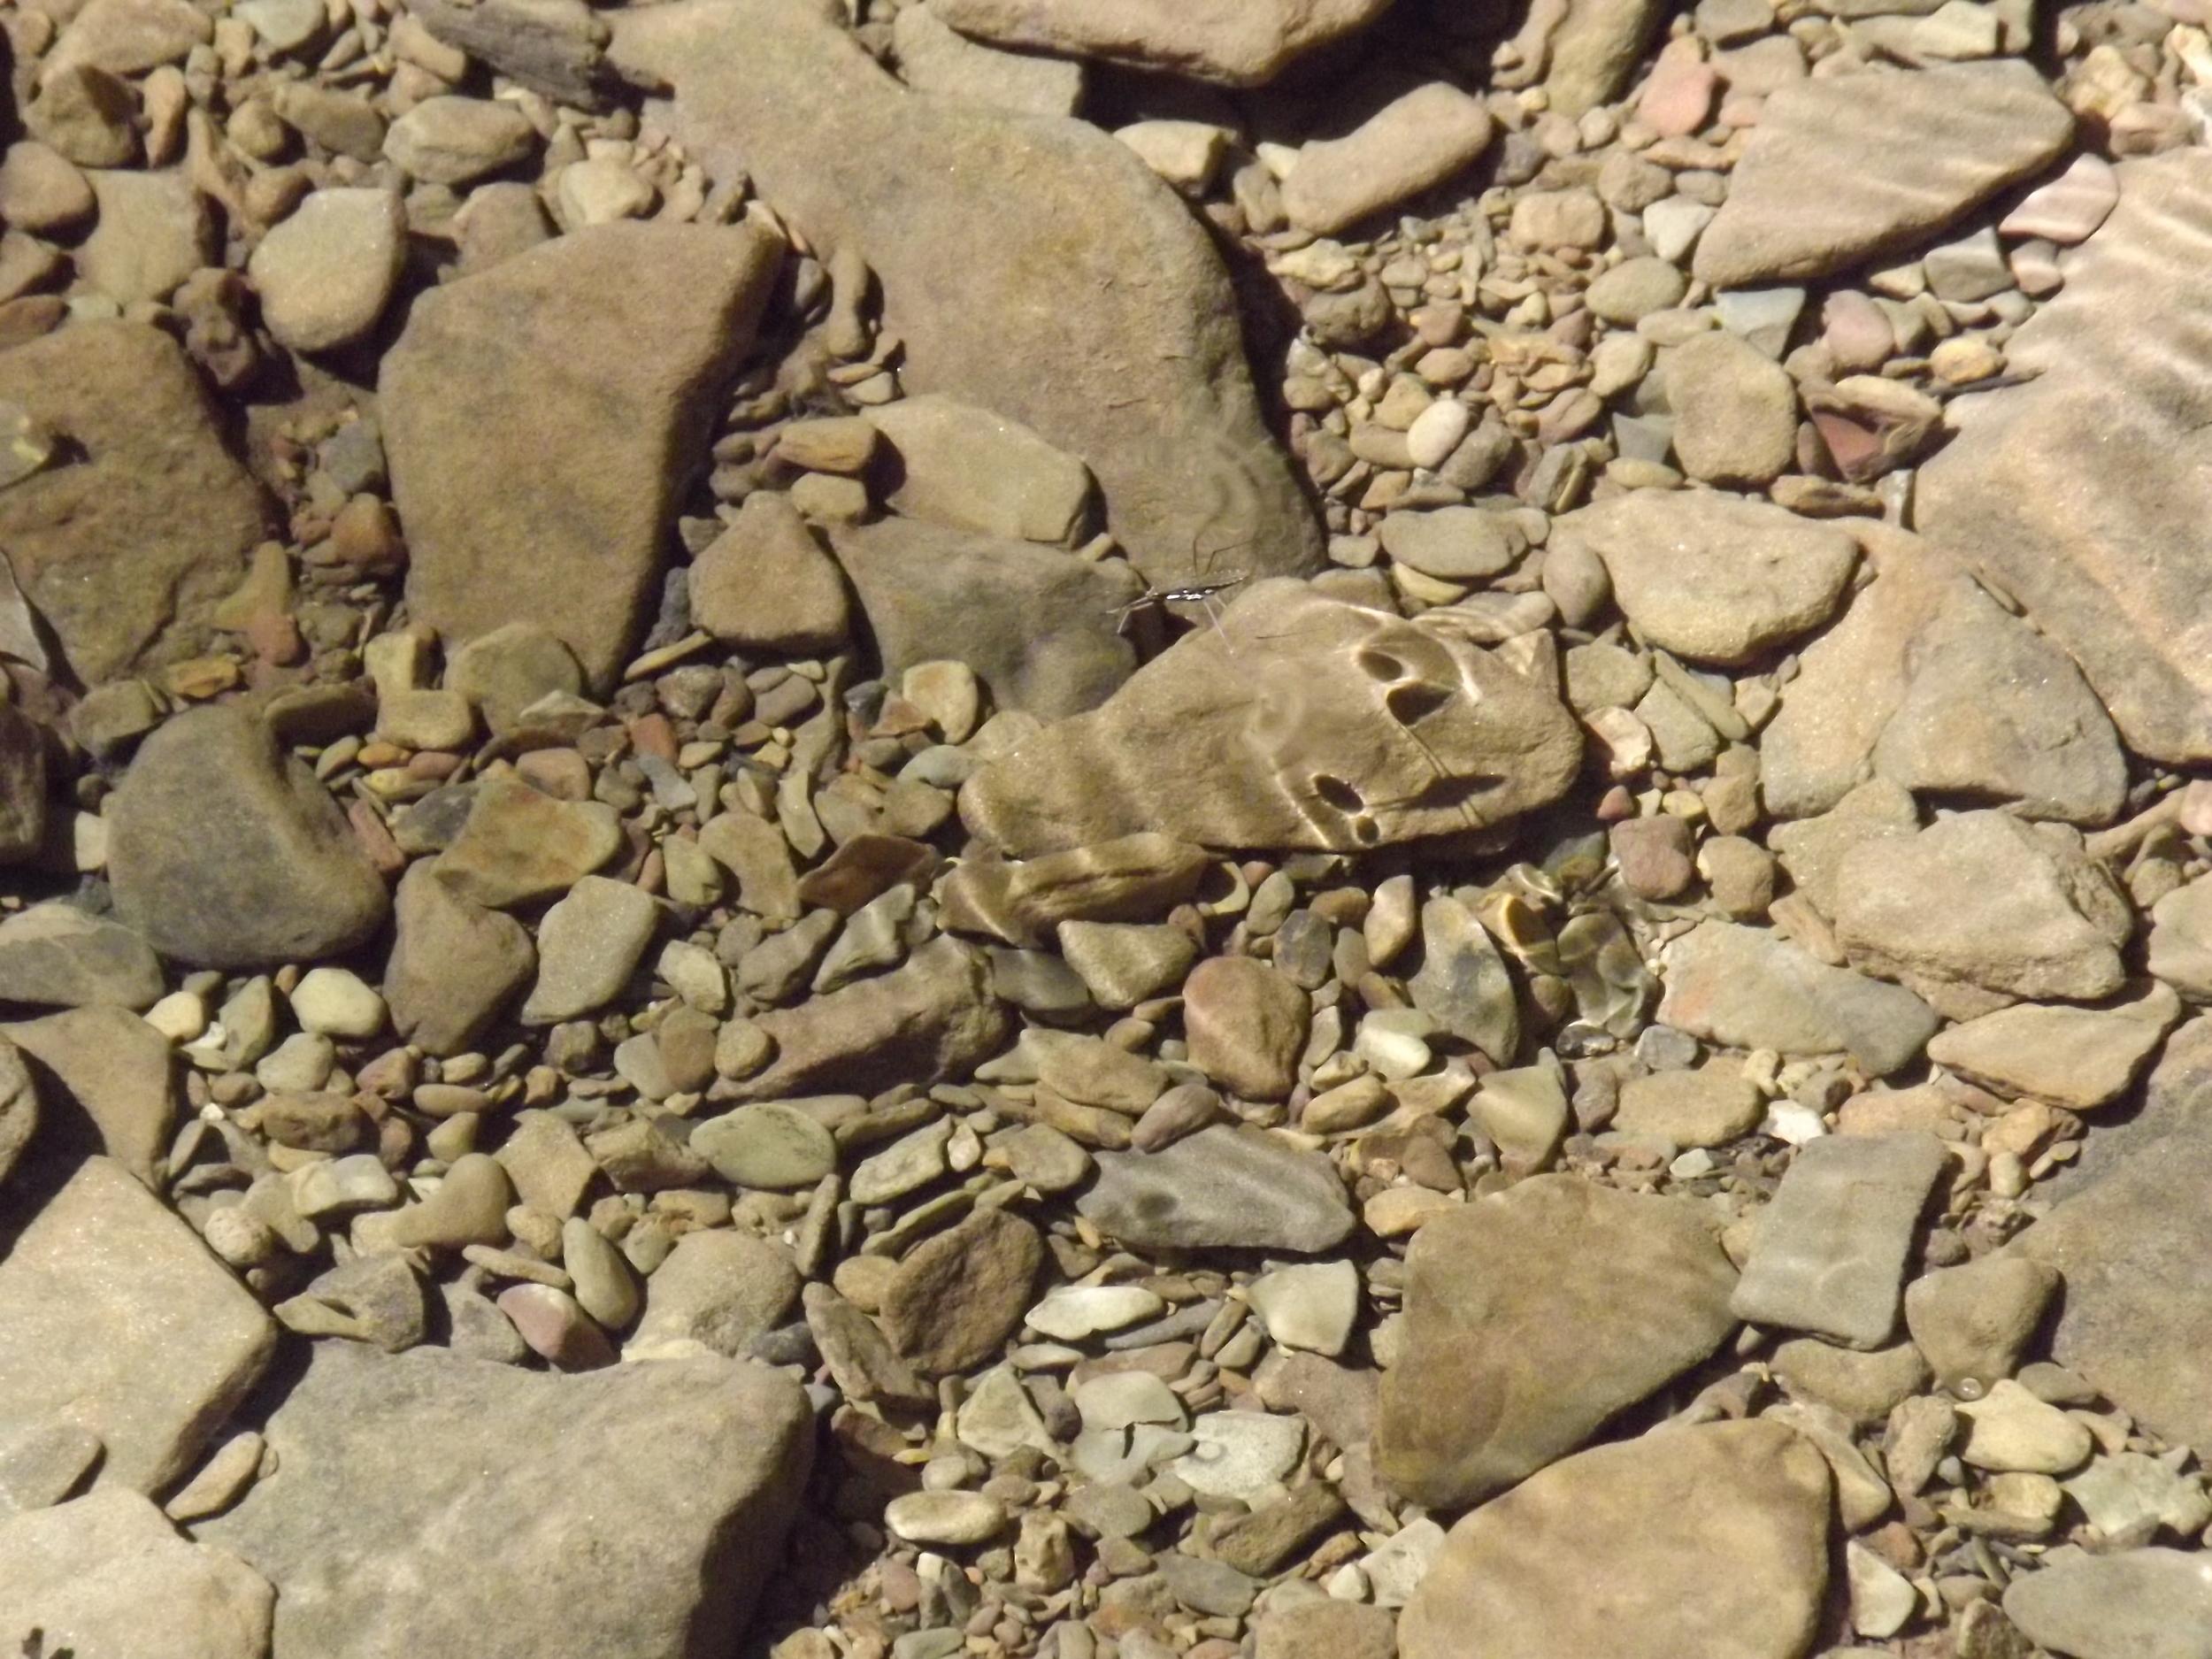 Common Water Strider   Gerris lacustris